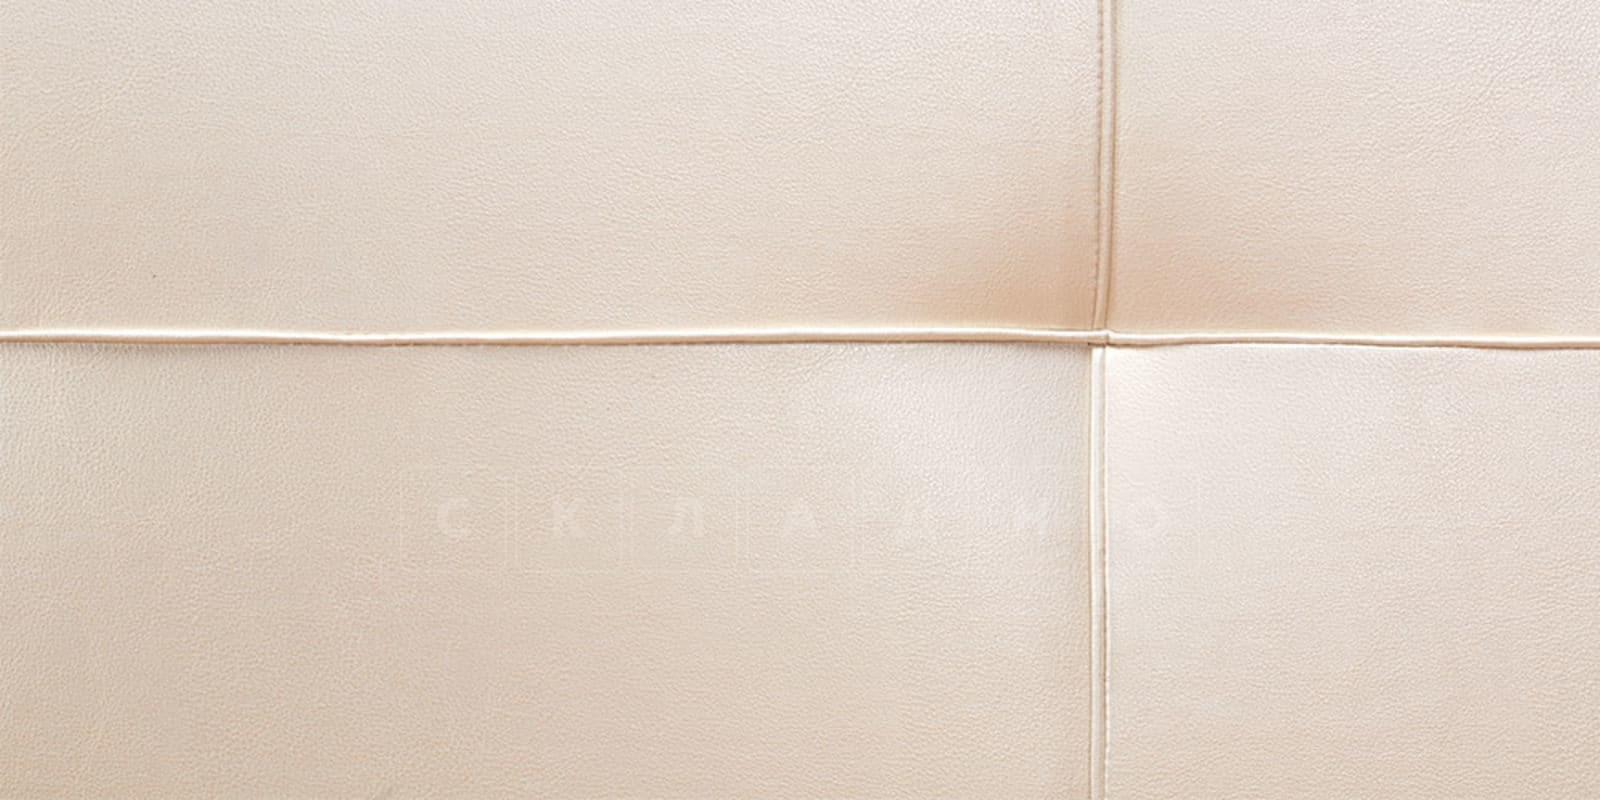 Мягкая кровать Лайф 160см перламутр с подъемным механизмом фото 7 | интернет-магазин Складно